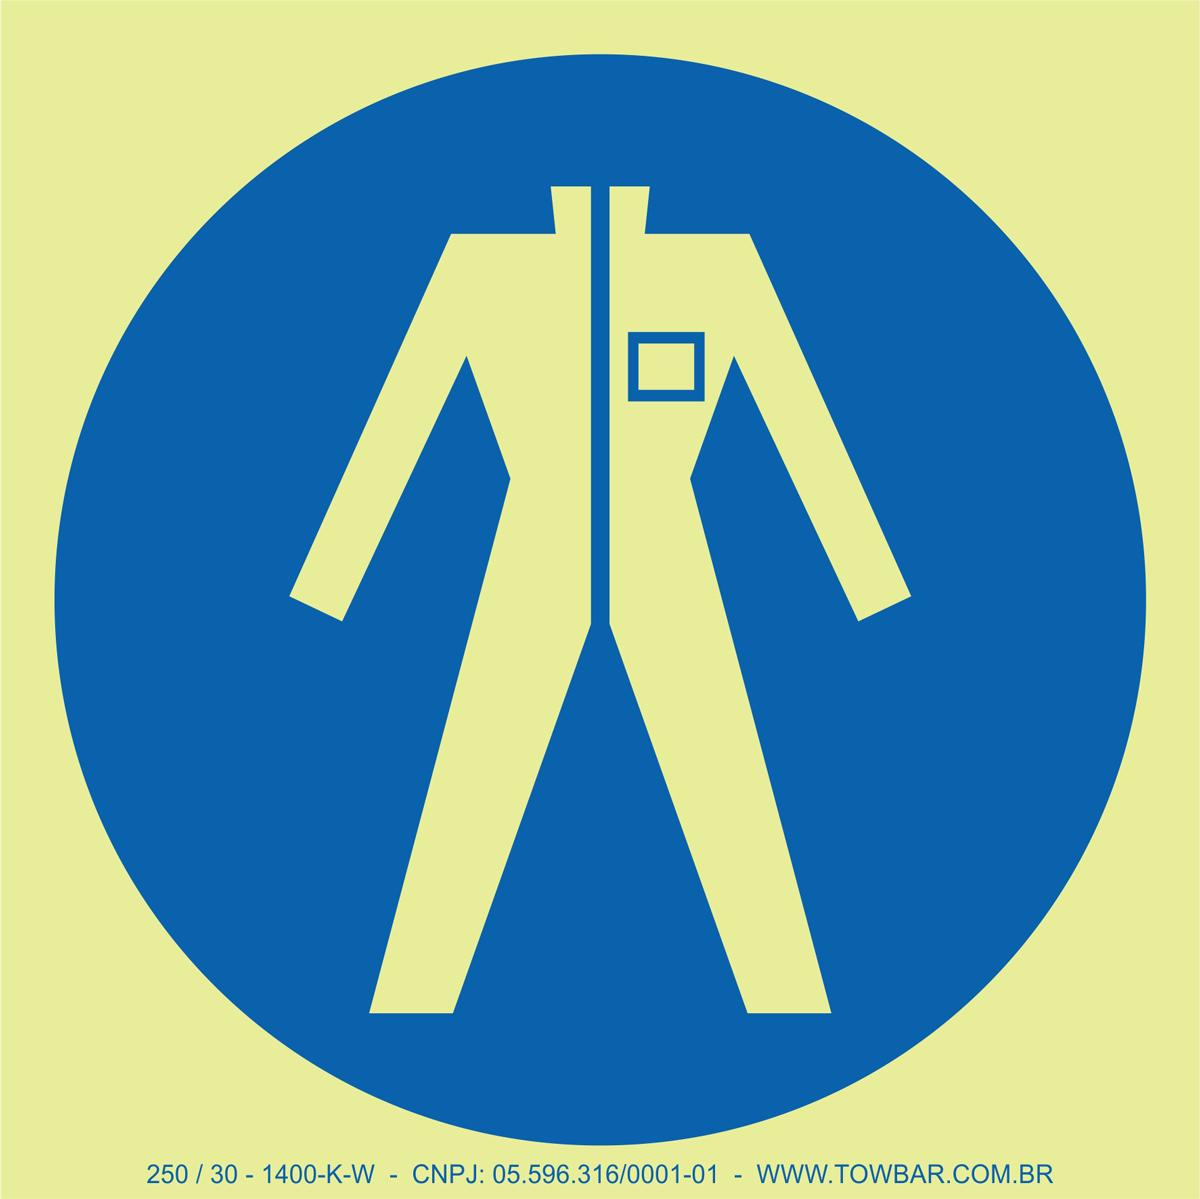 Wear Protective Clothing  - Towbar Sinalização de Segurança